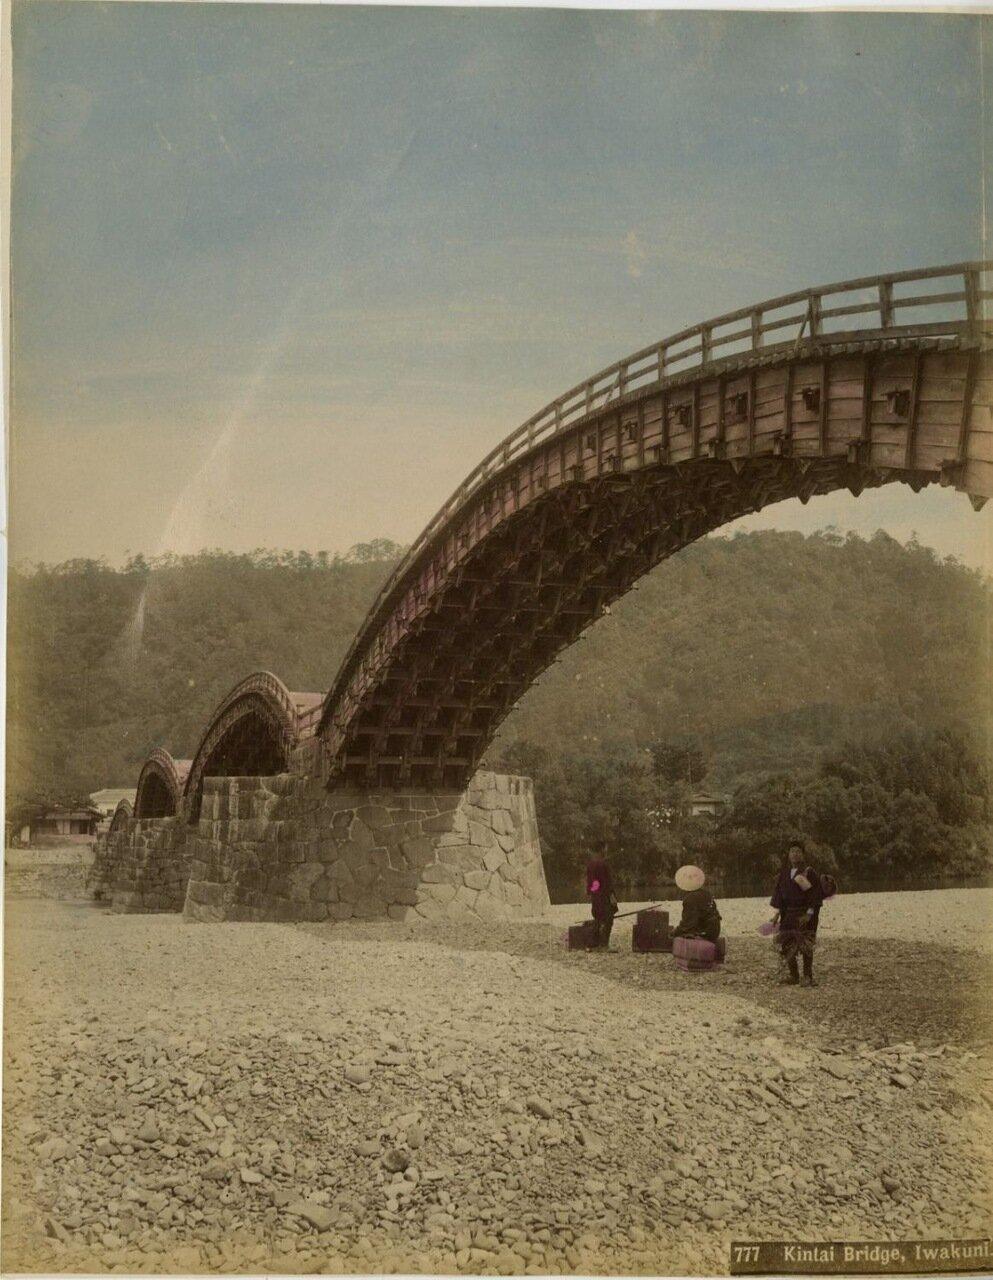 Ивакуни. Мост Кинтай